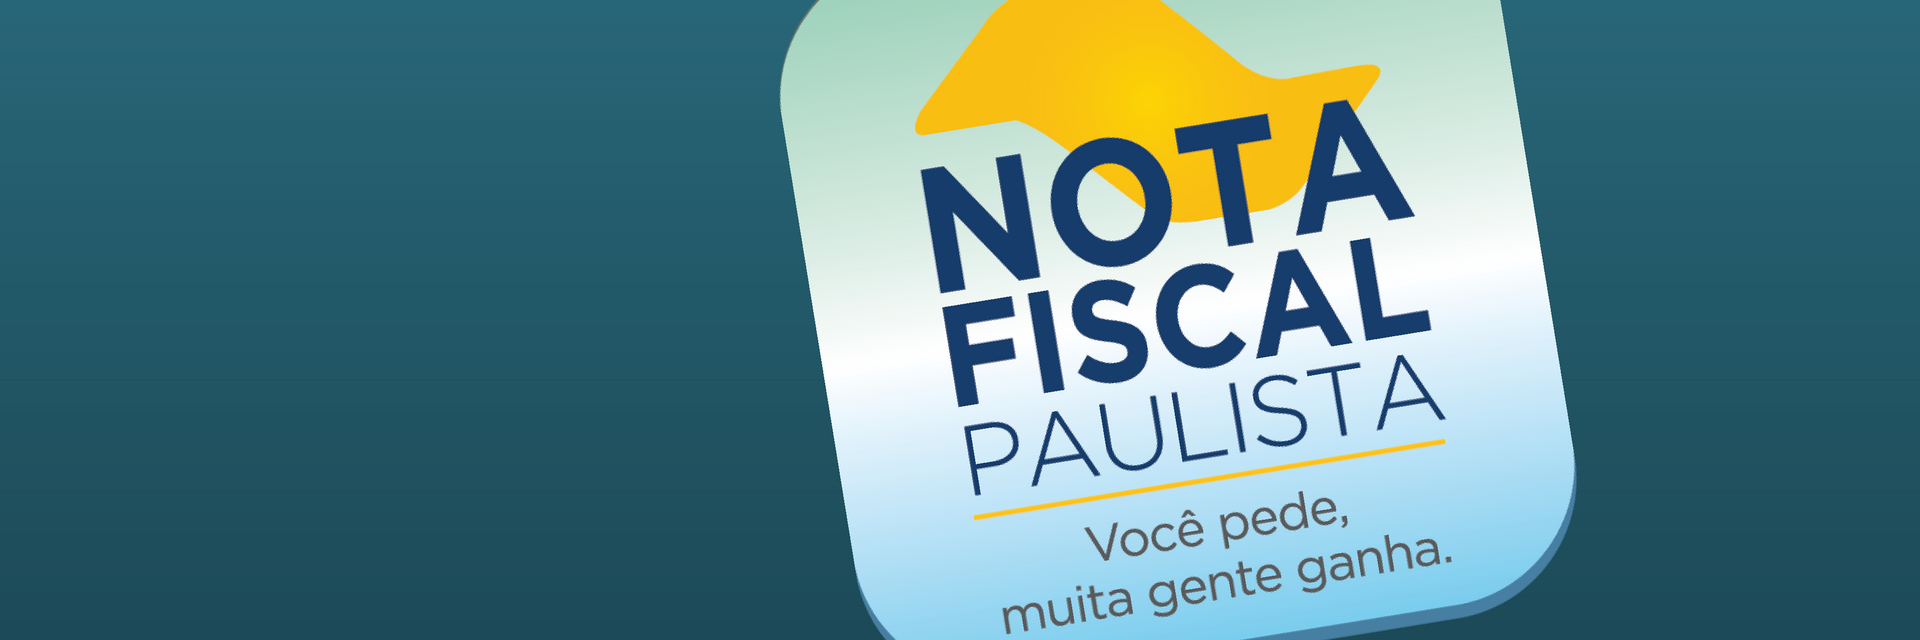 Arte com o logotipo da Nota Fiscal Paulista